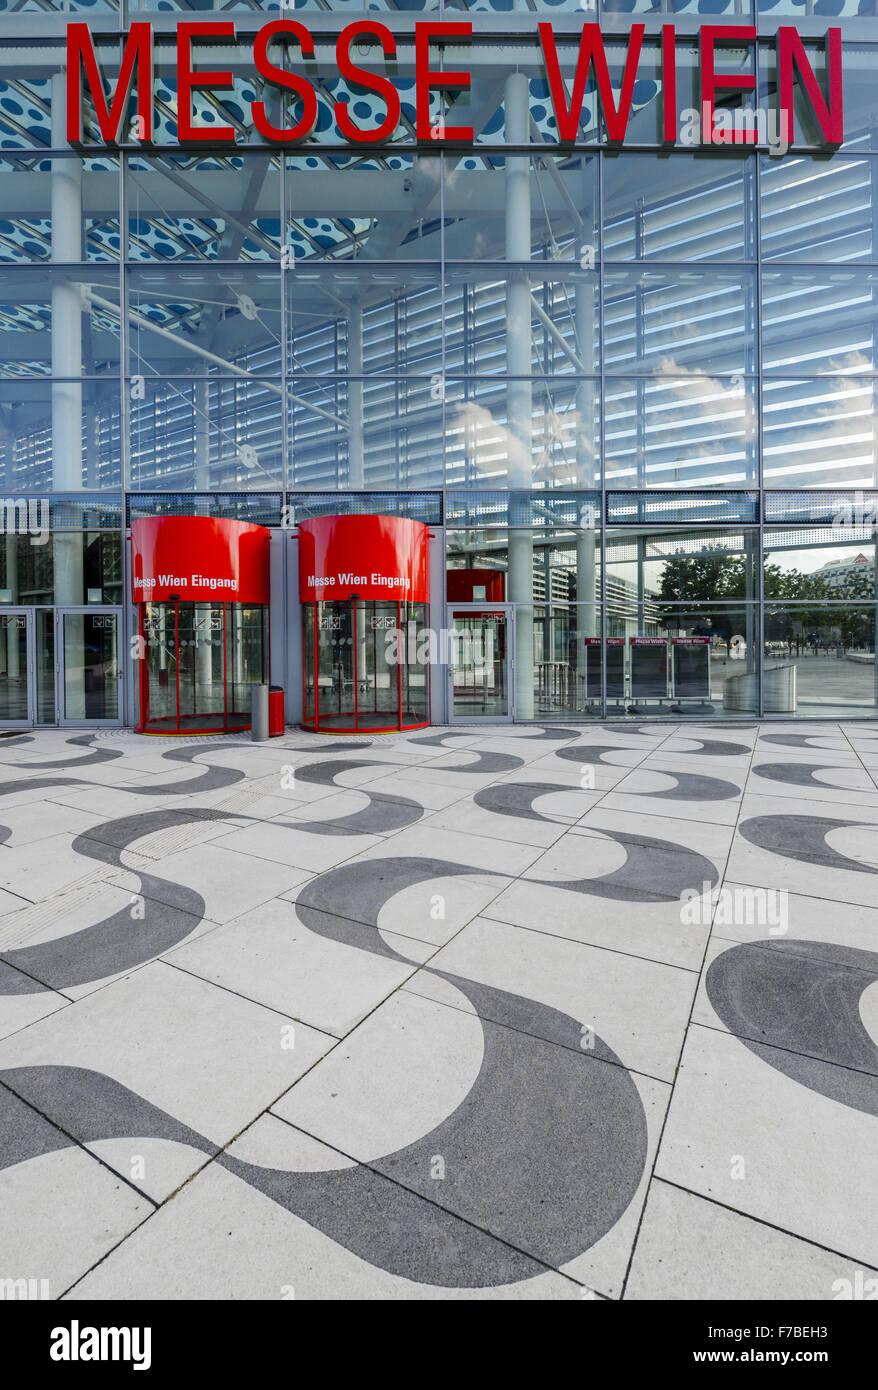 Reed Messe Wien, Viena justo, Viena, Austria, 2, distrito ferial. Imagen De Stock